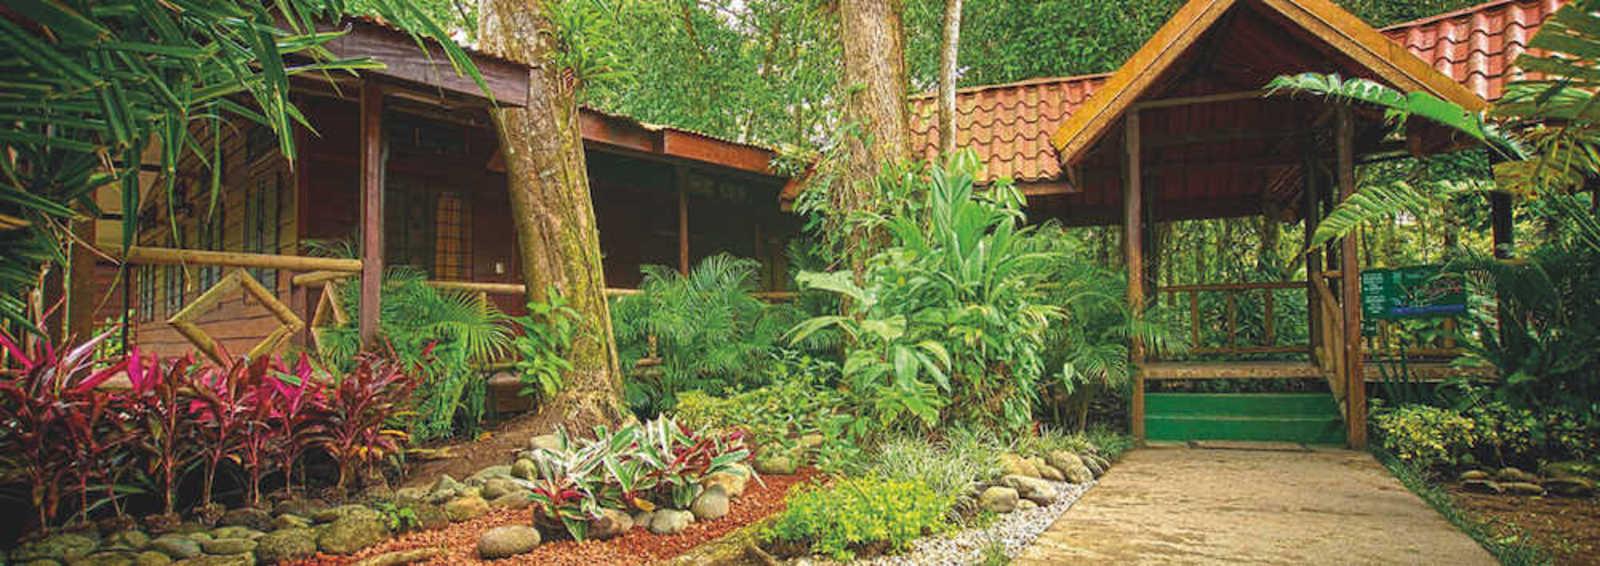 Pachira Lodge Costa Rica